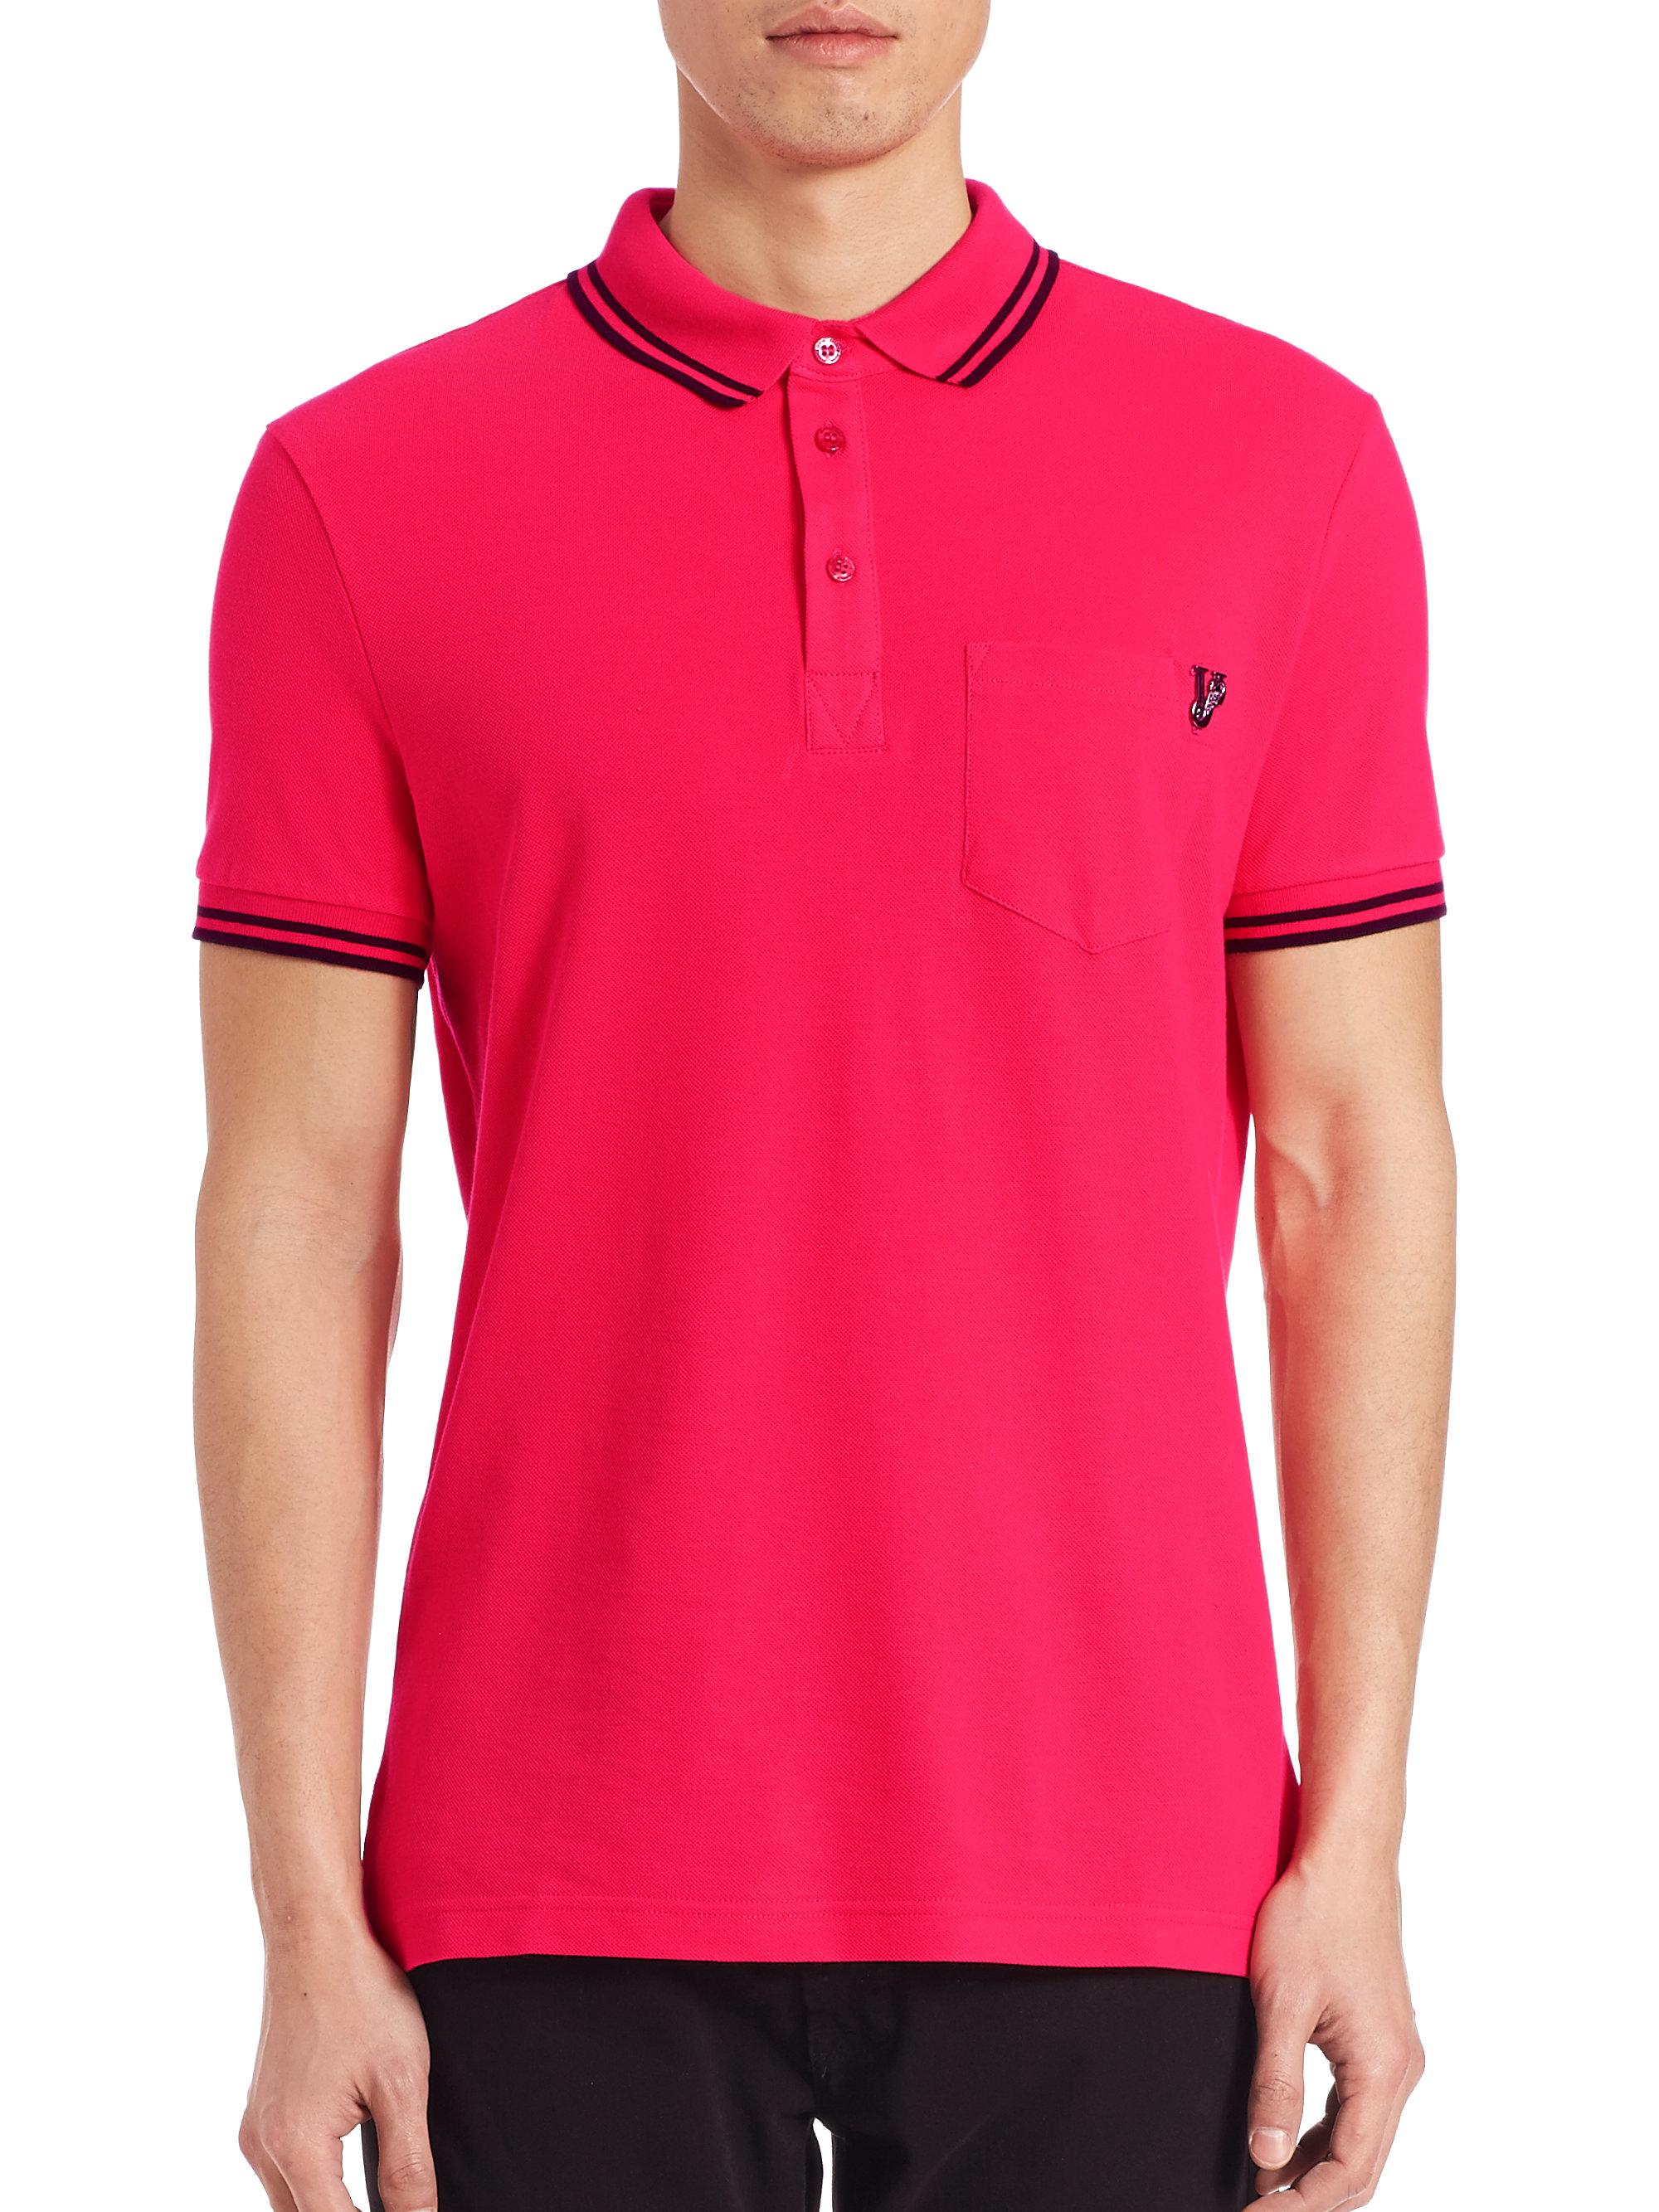 c285d1c34c9139 Versace Jeans Polo T Shirt – DACC